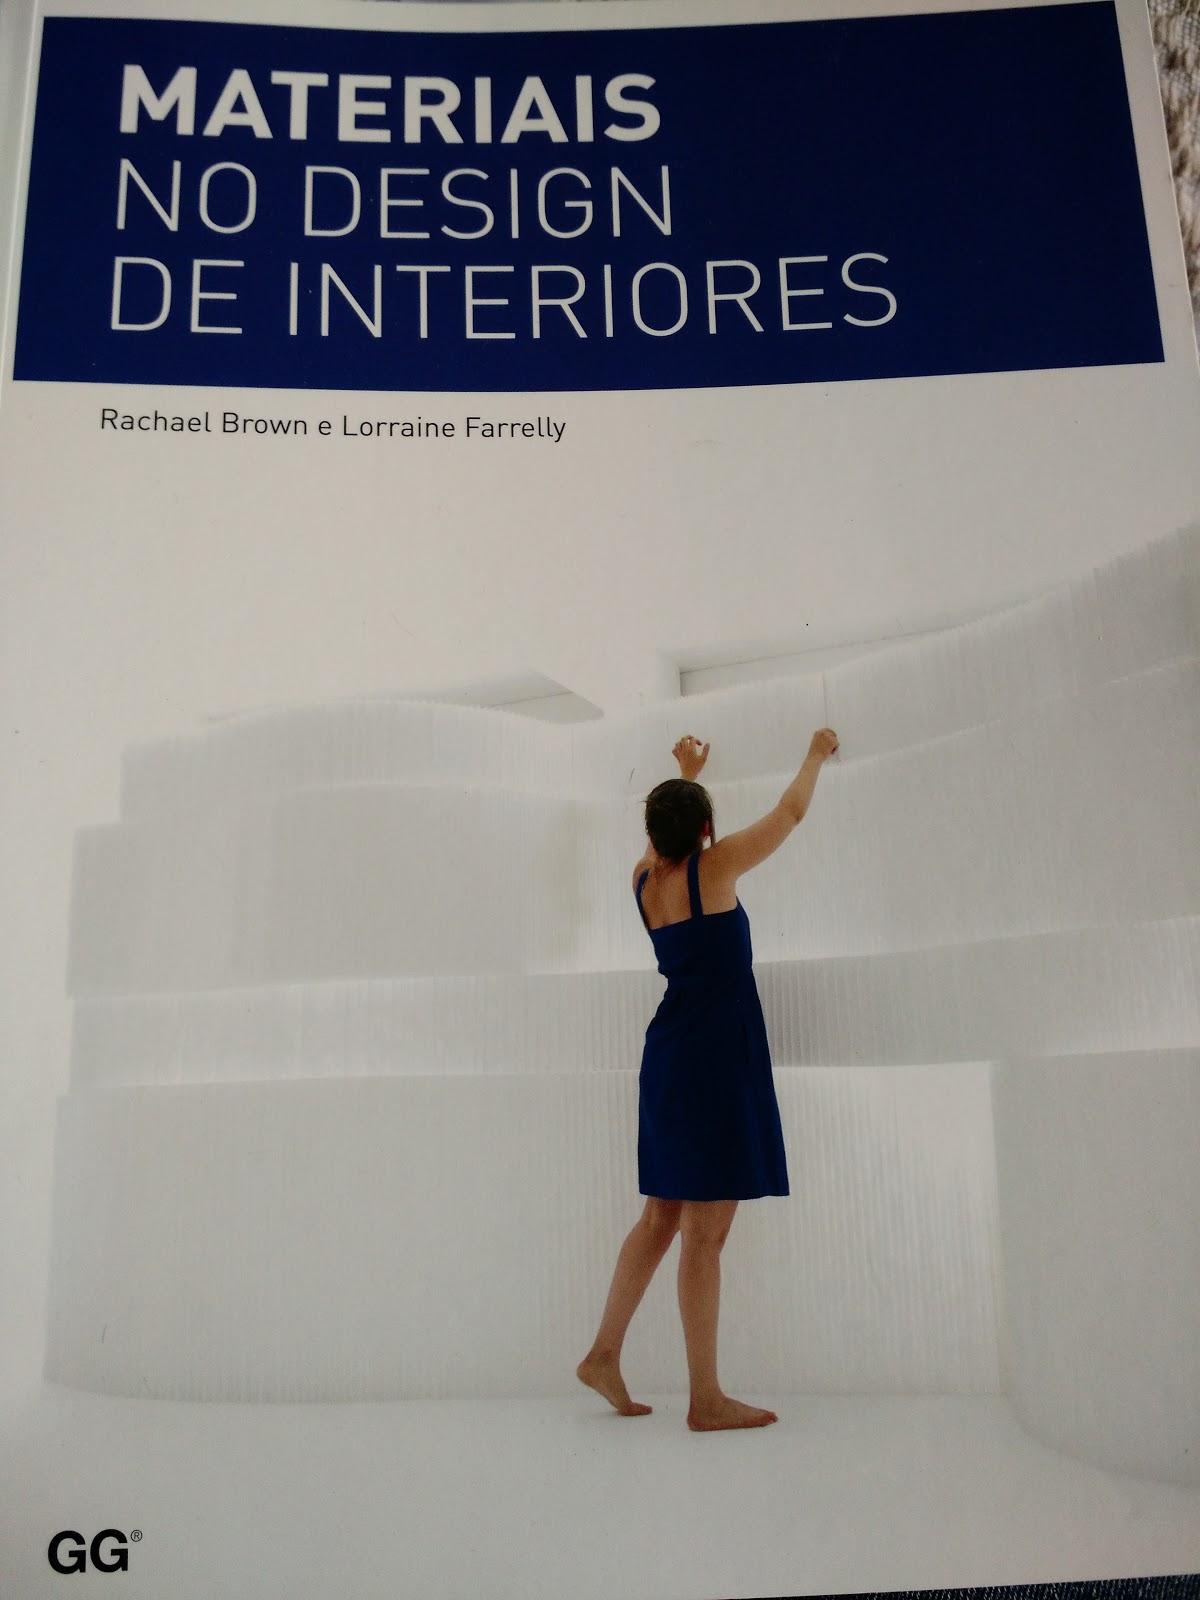 Materiais no Design de Interiores - Leitura